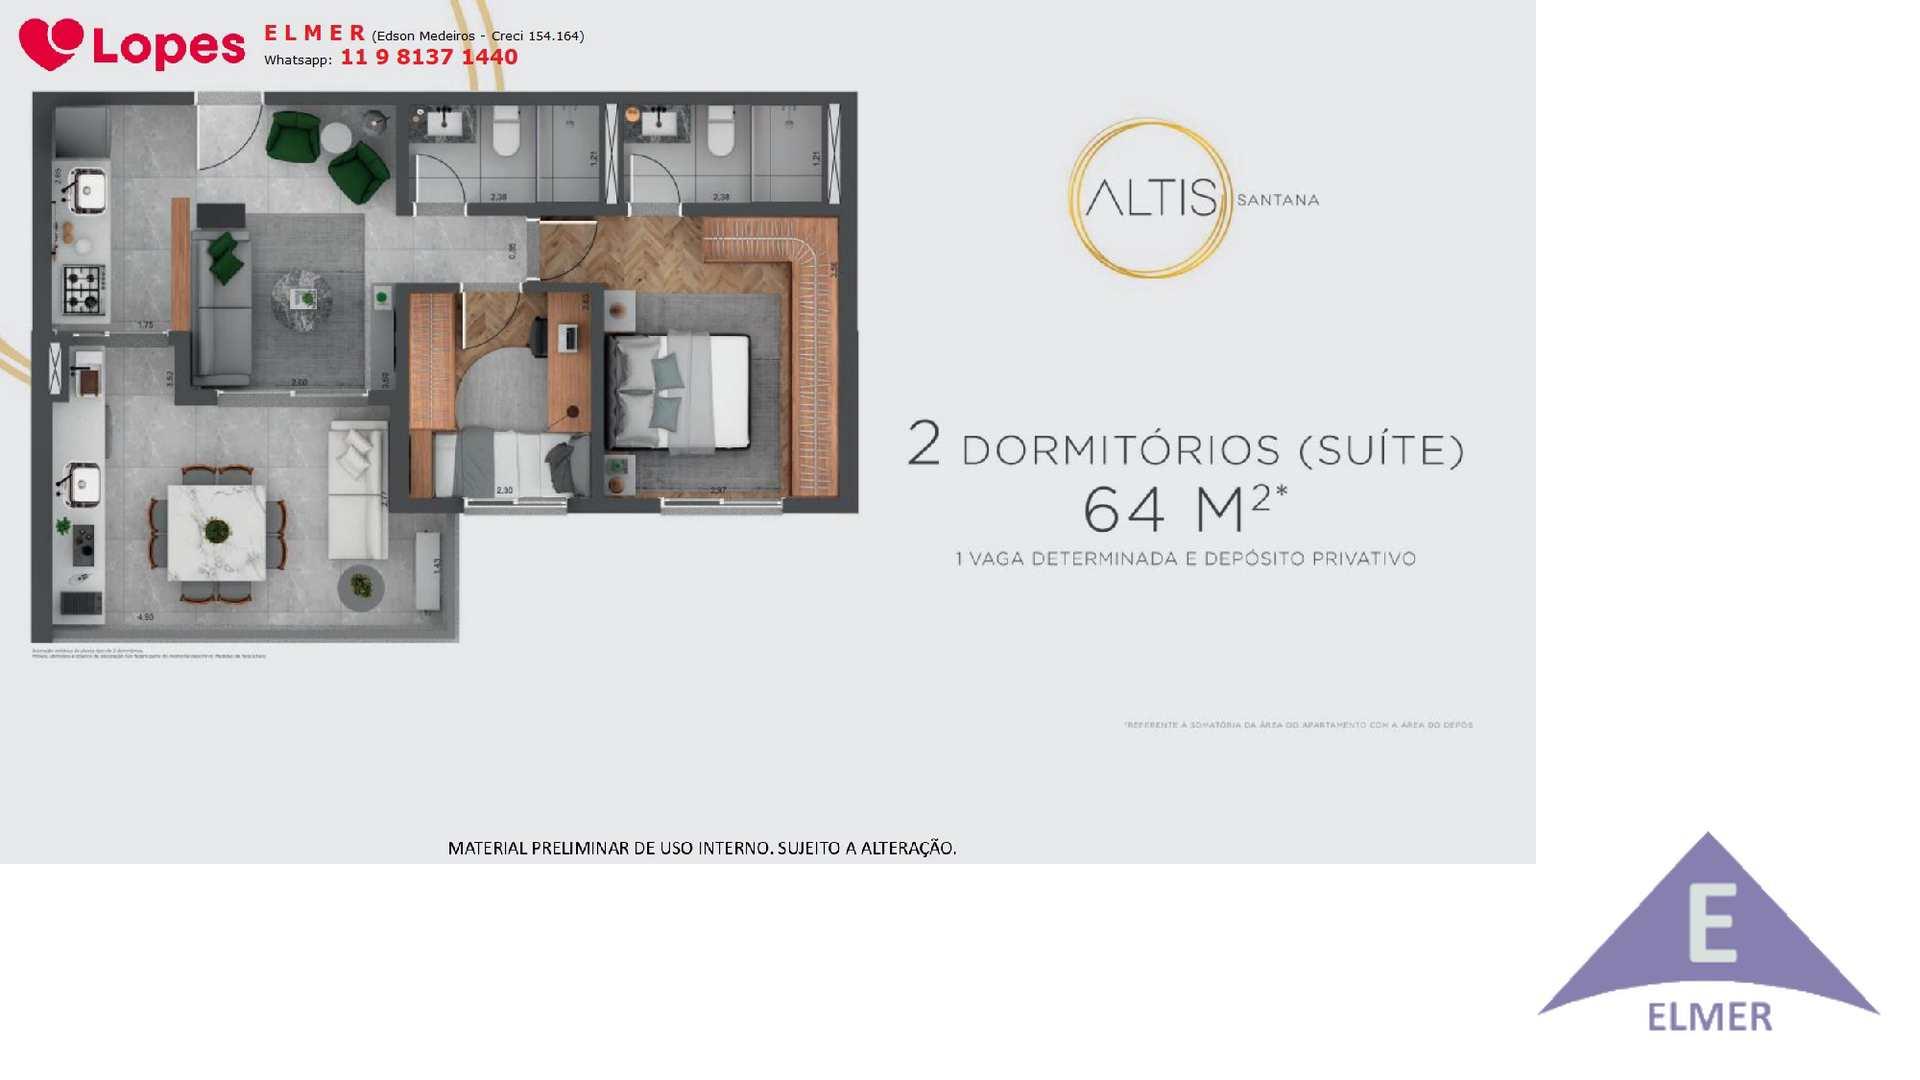 Planta 64m² - ALTIS SANTANA - Elmer